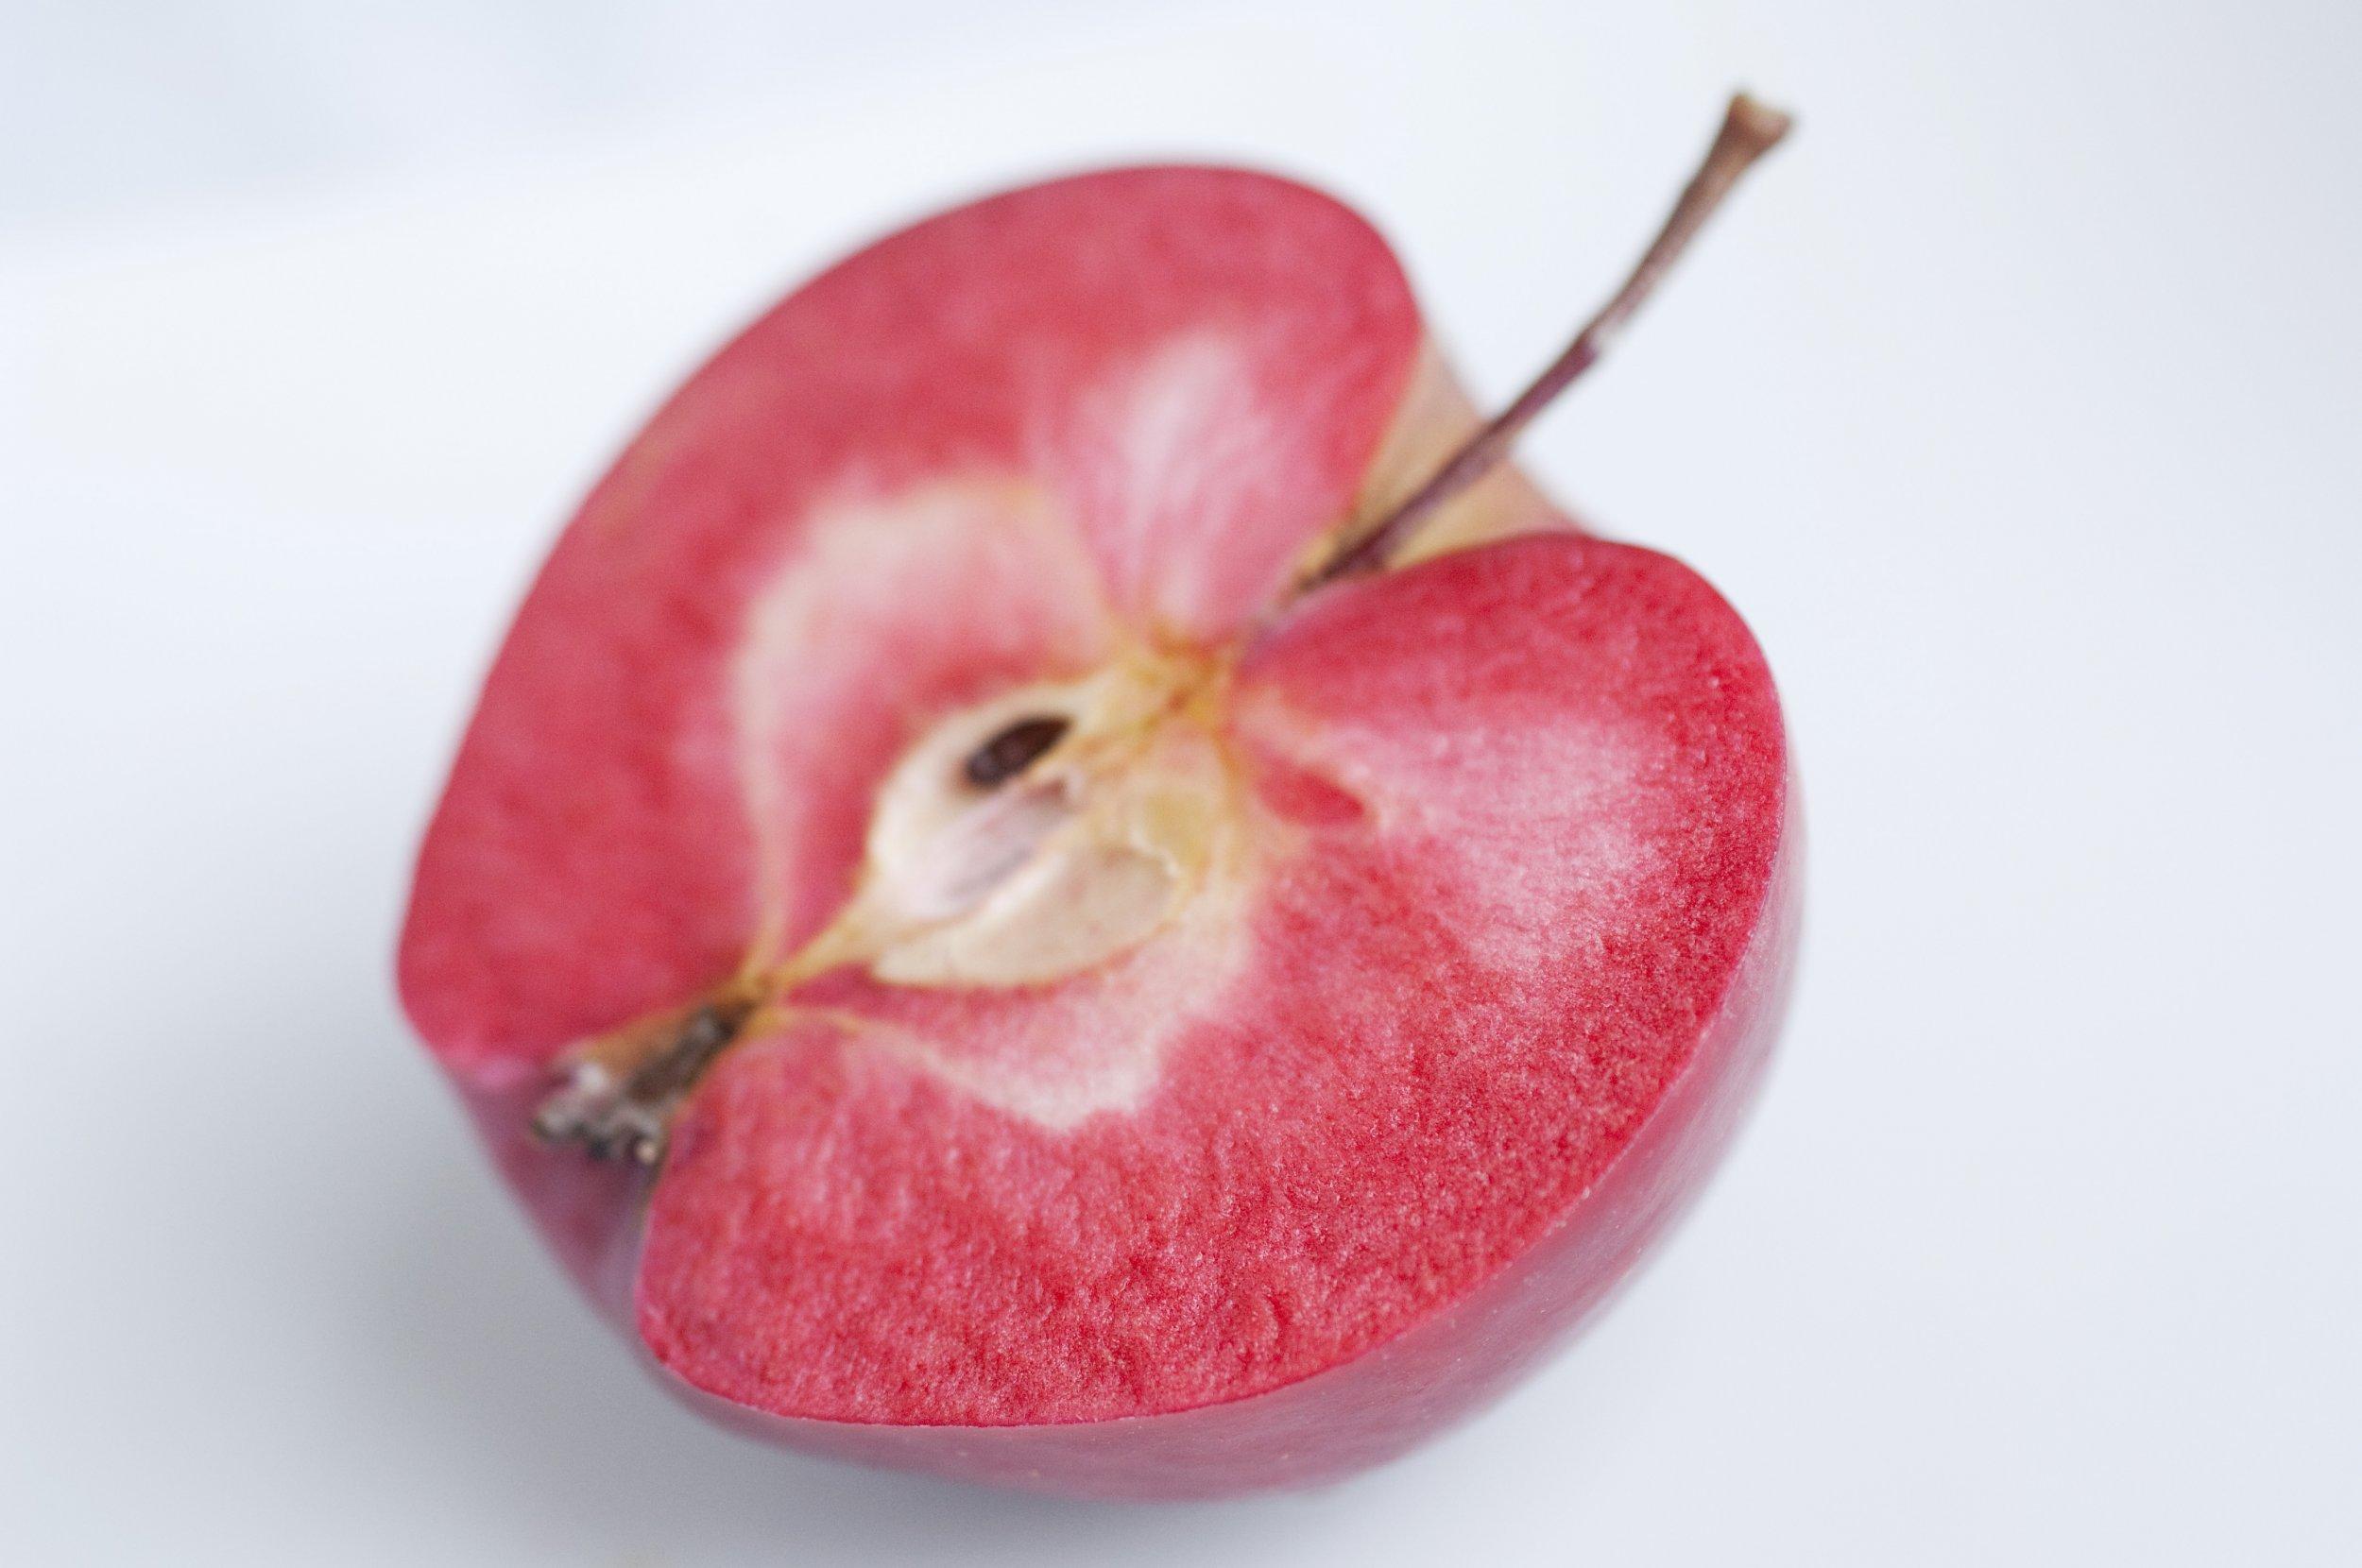 Red-Flesh-Apple-hi-res